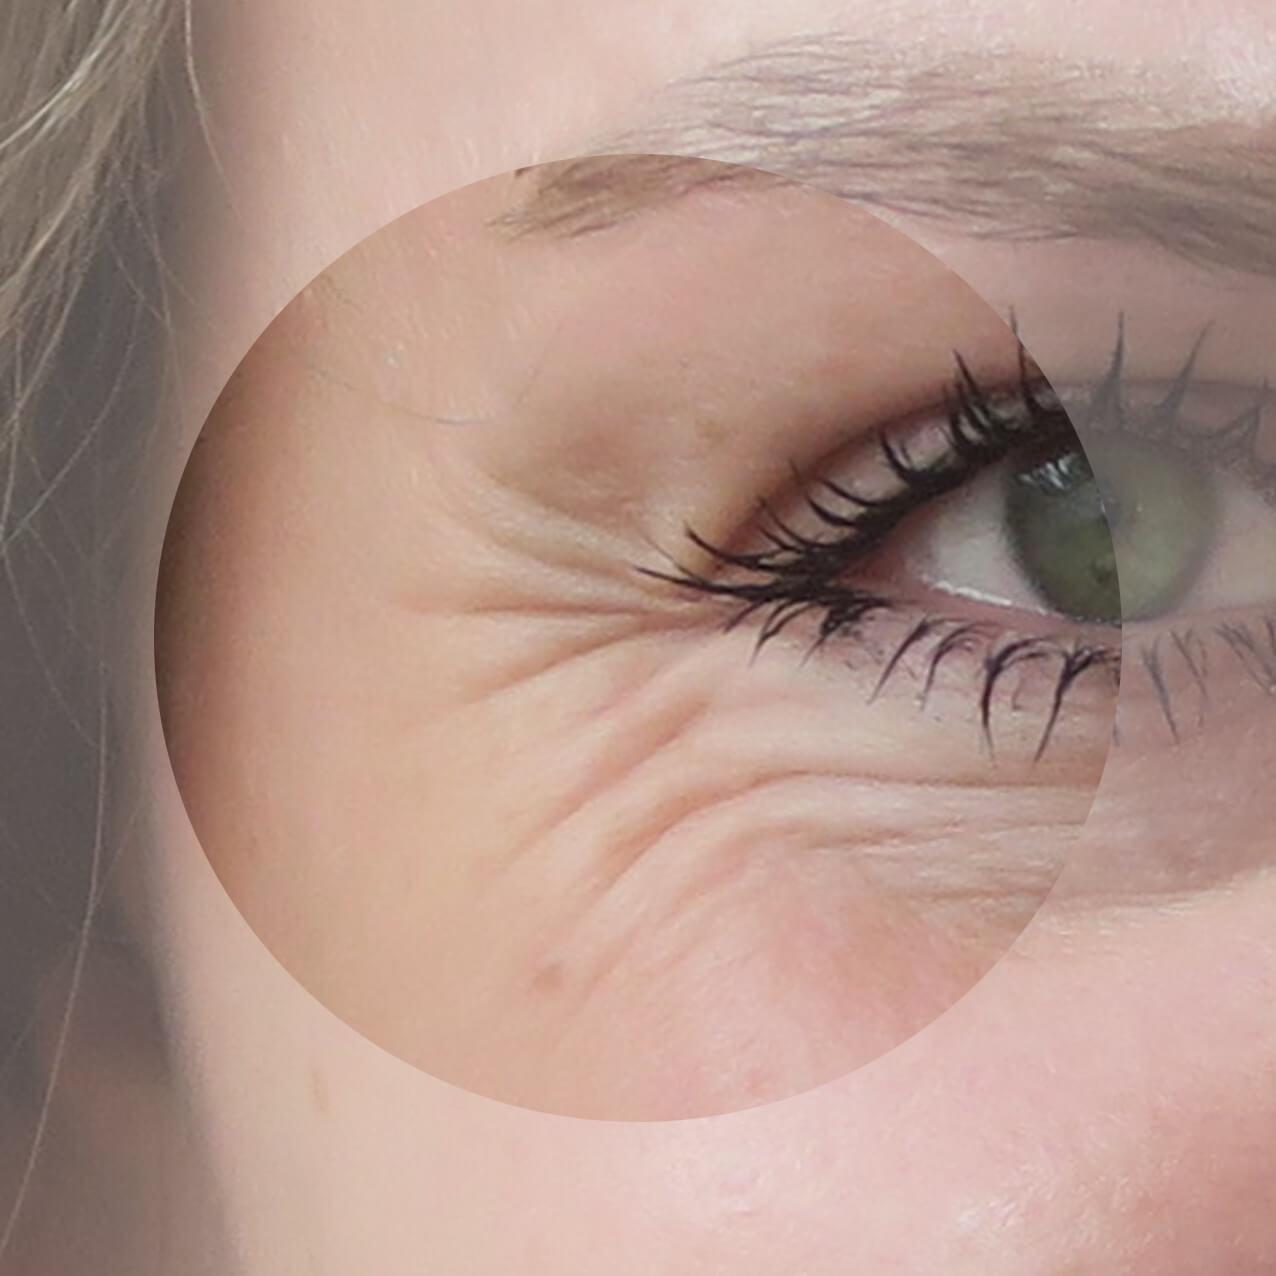 درمان چروک و خطوط پنجه کلاغی در اطراف چشم